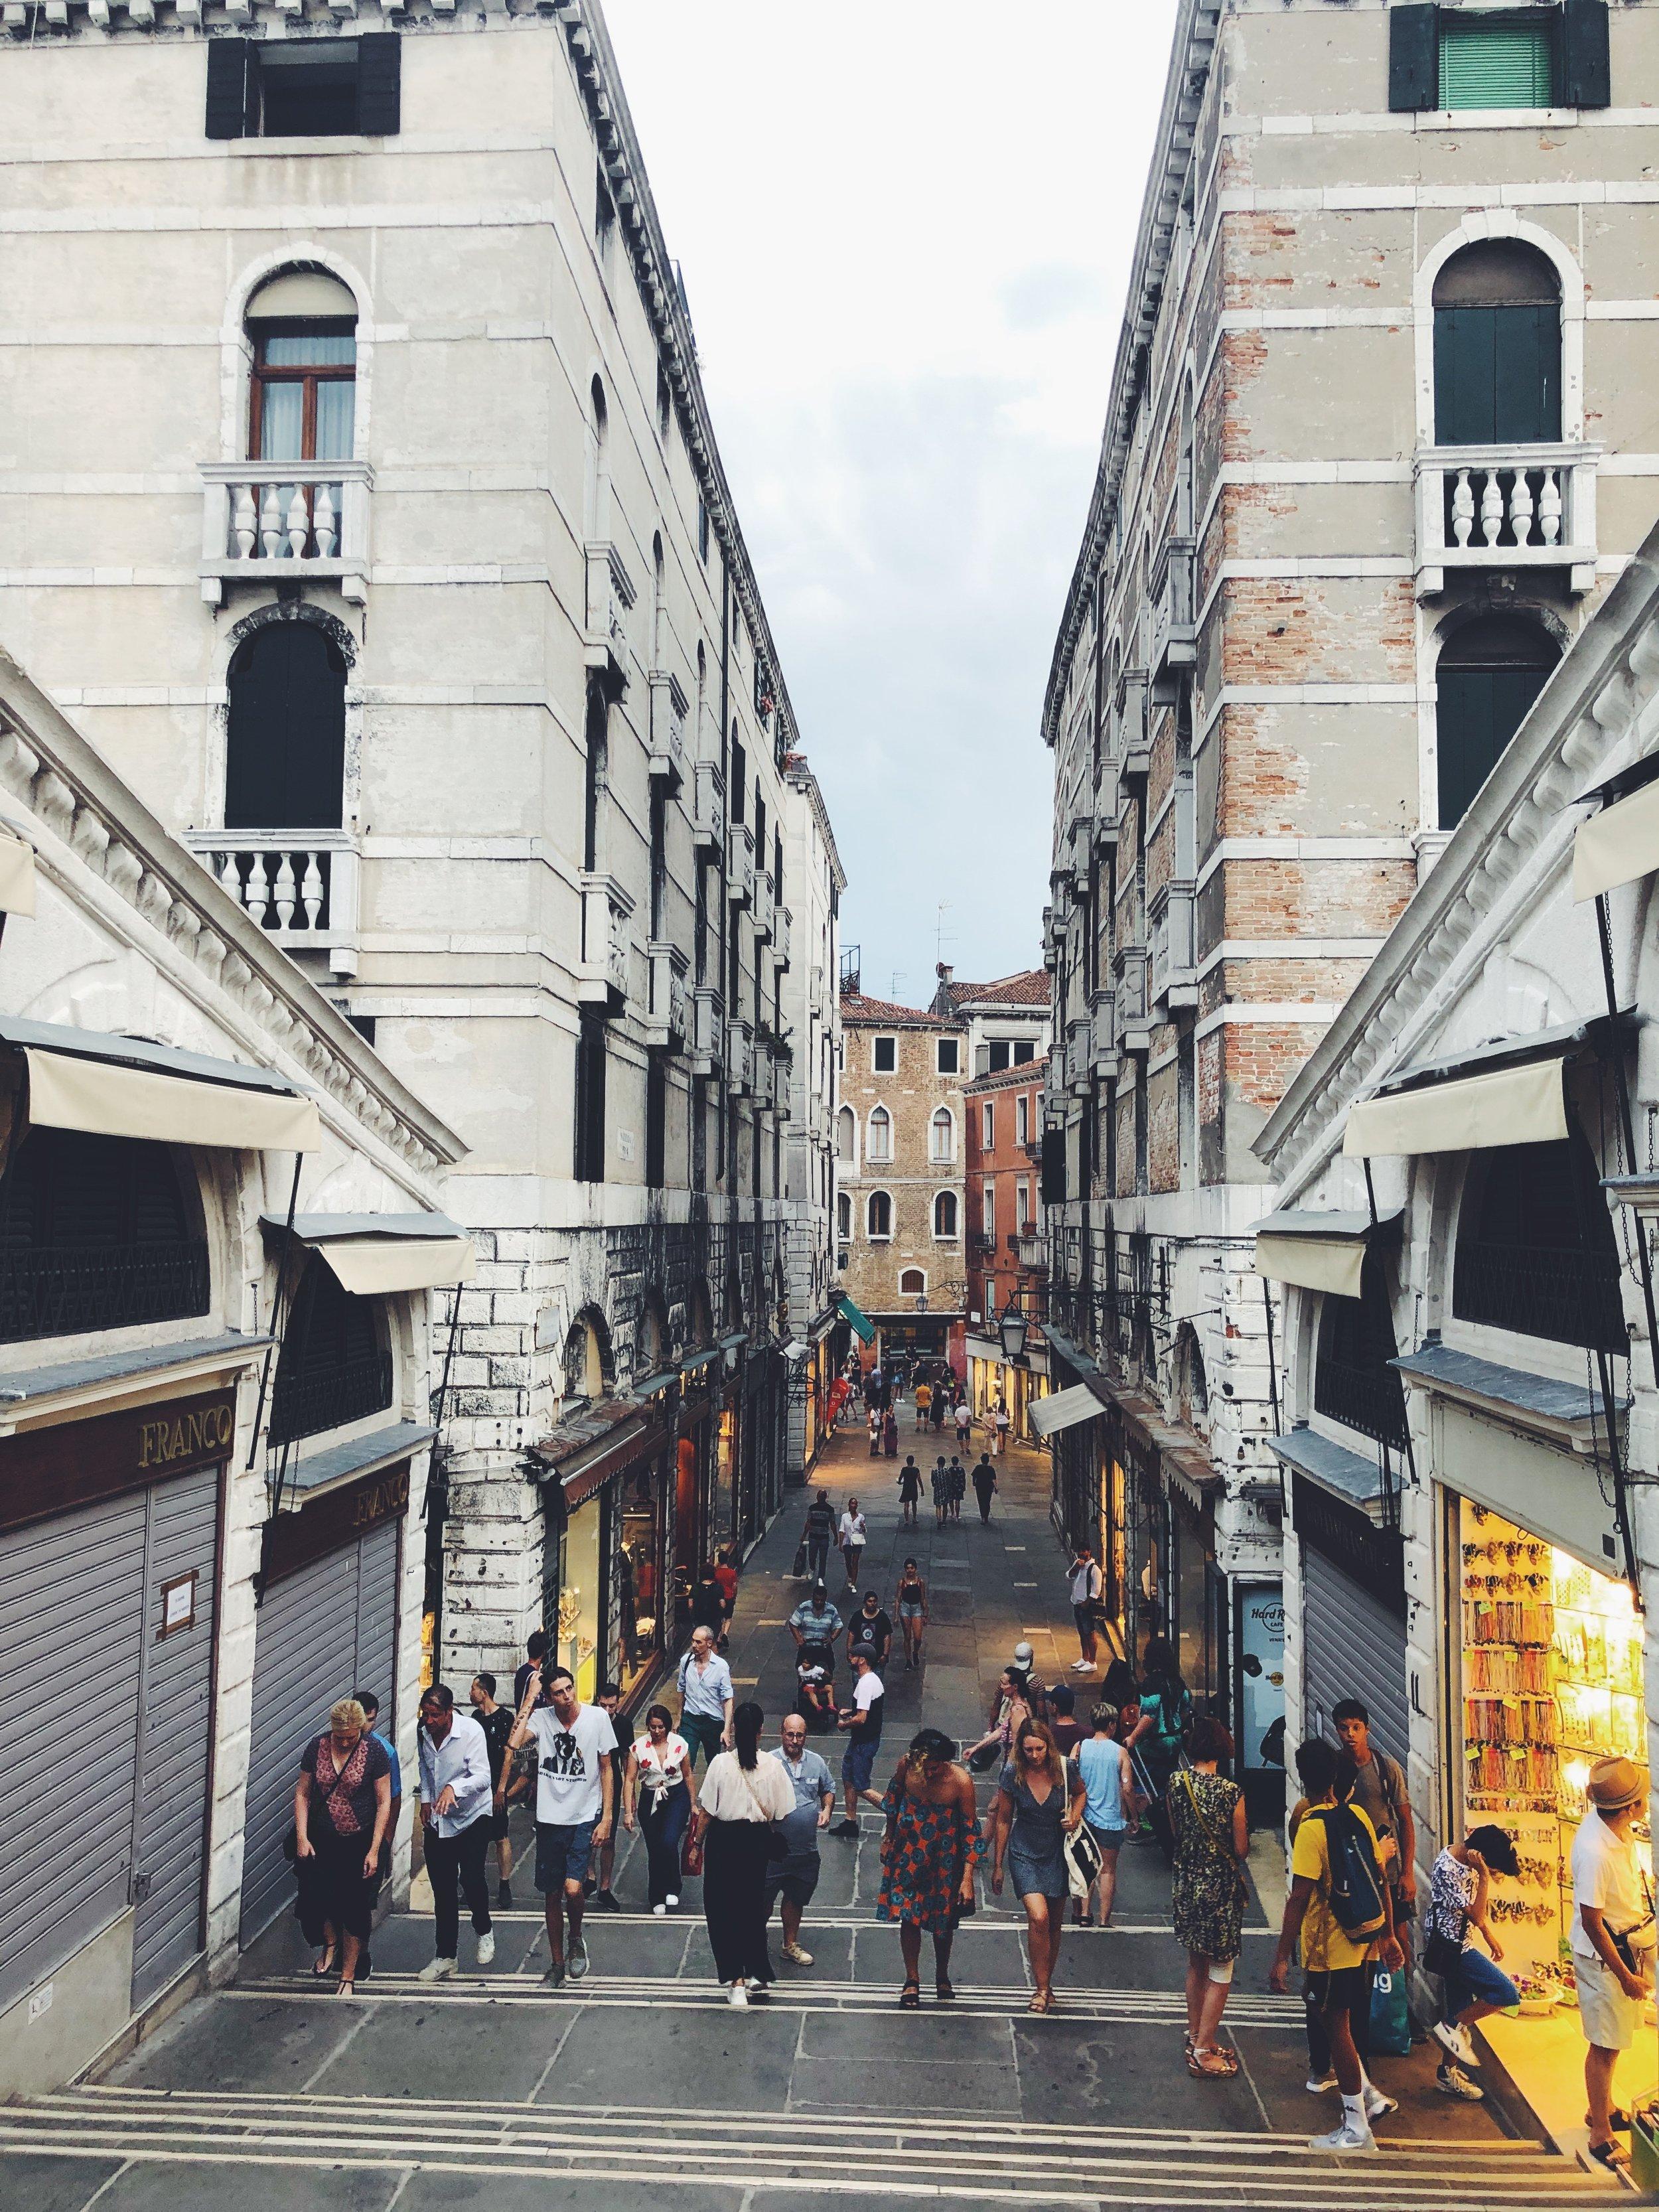 Walking Down the Rialto